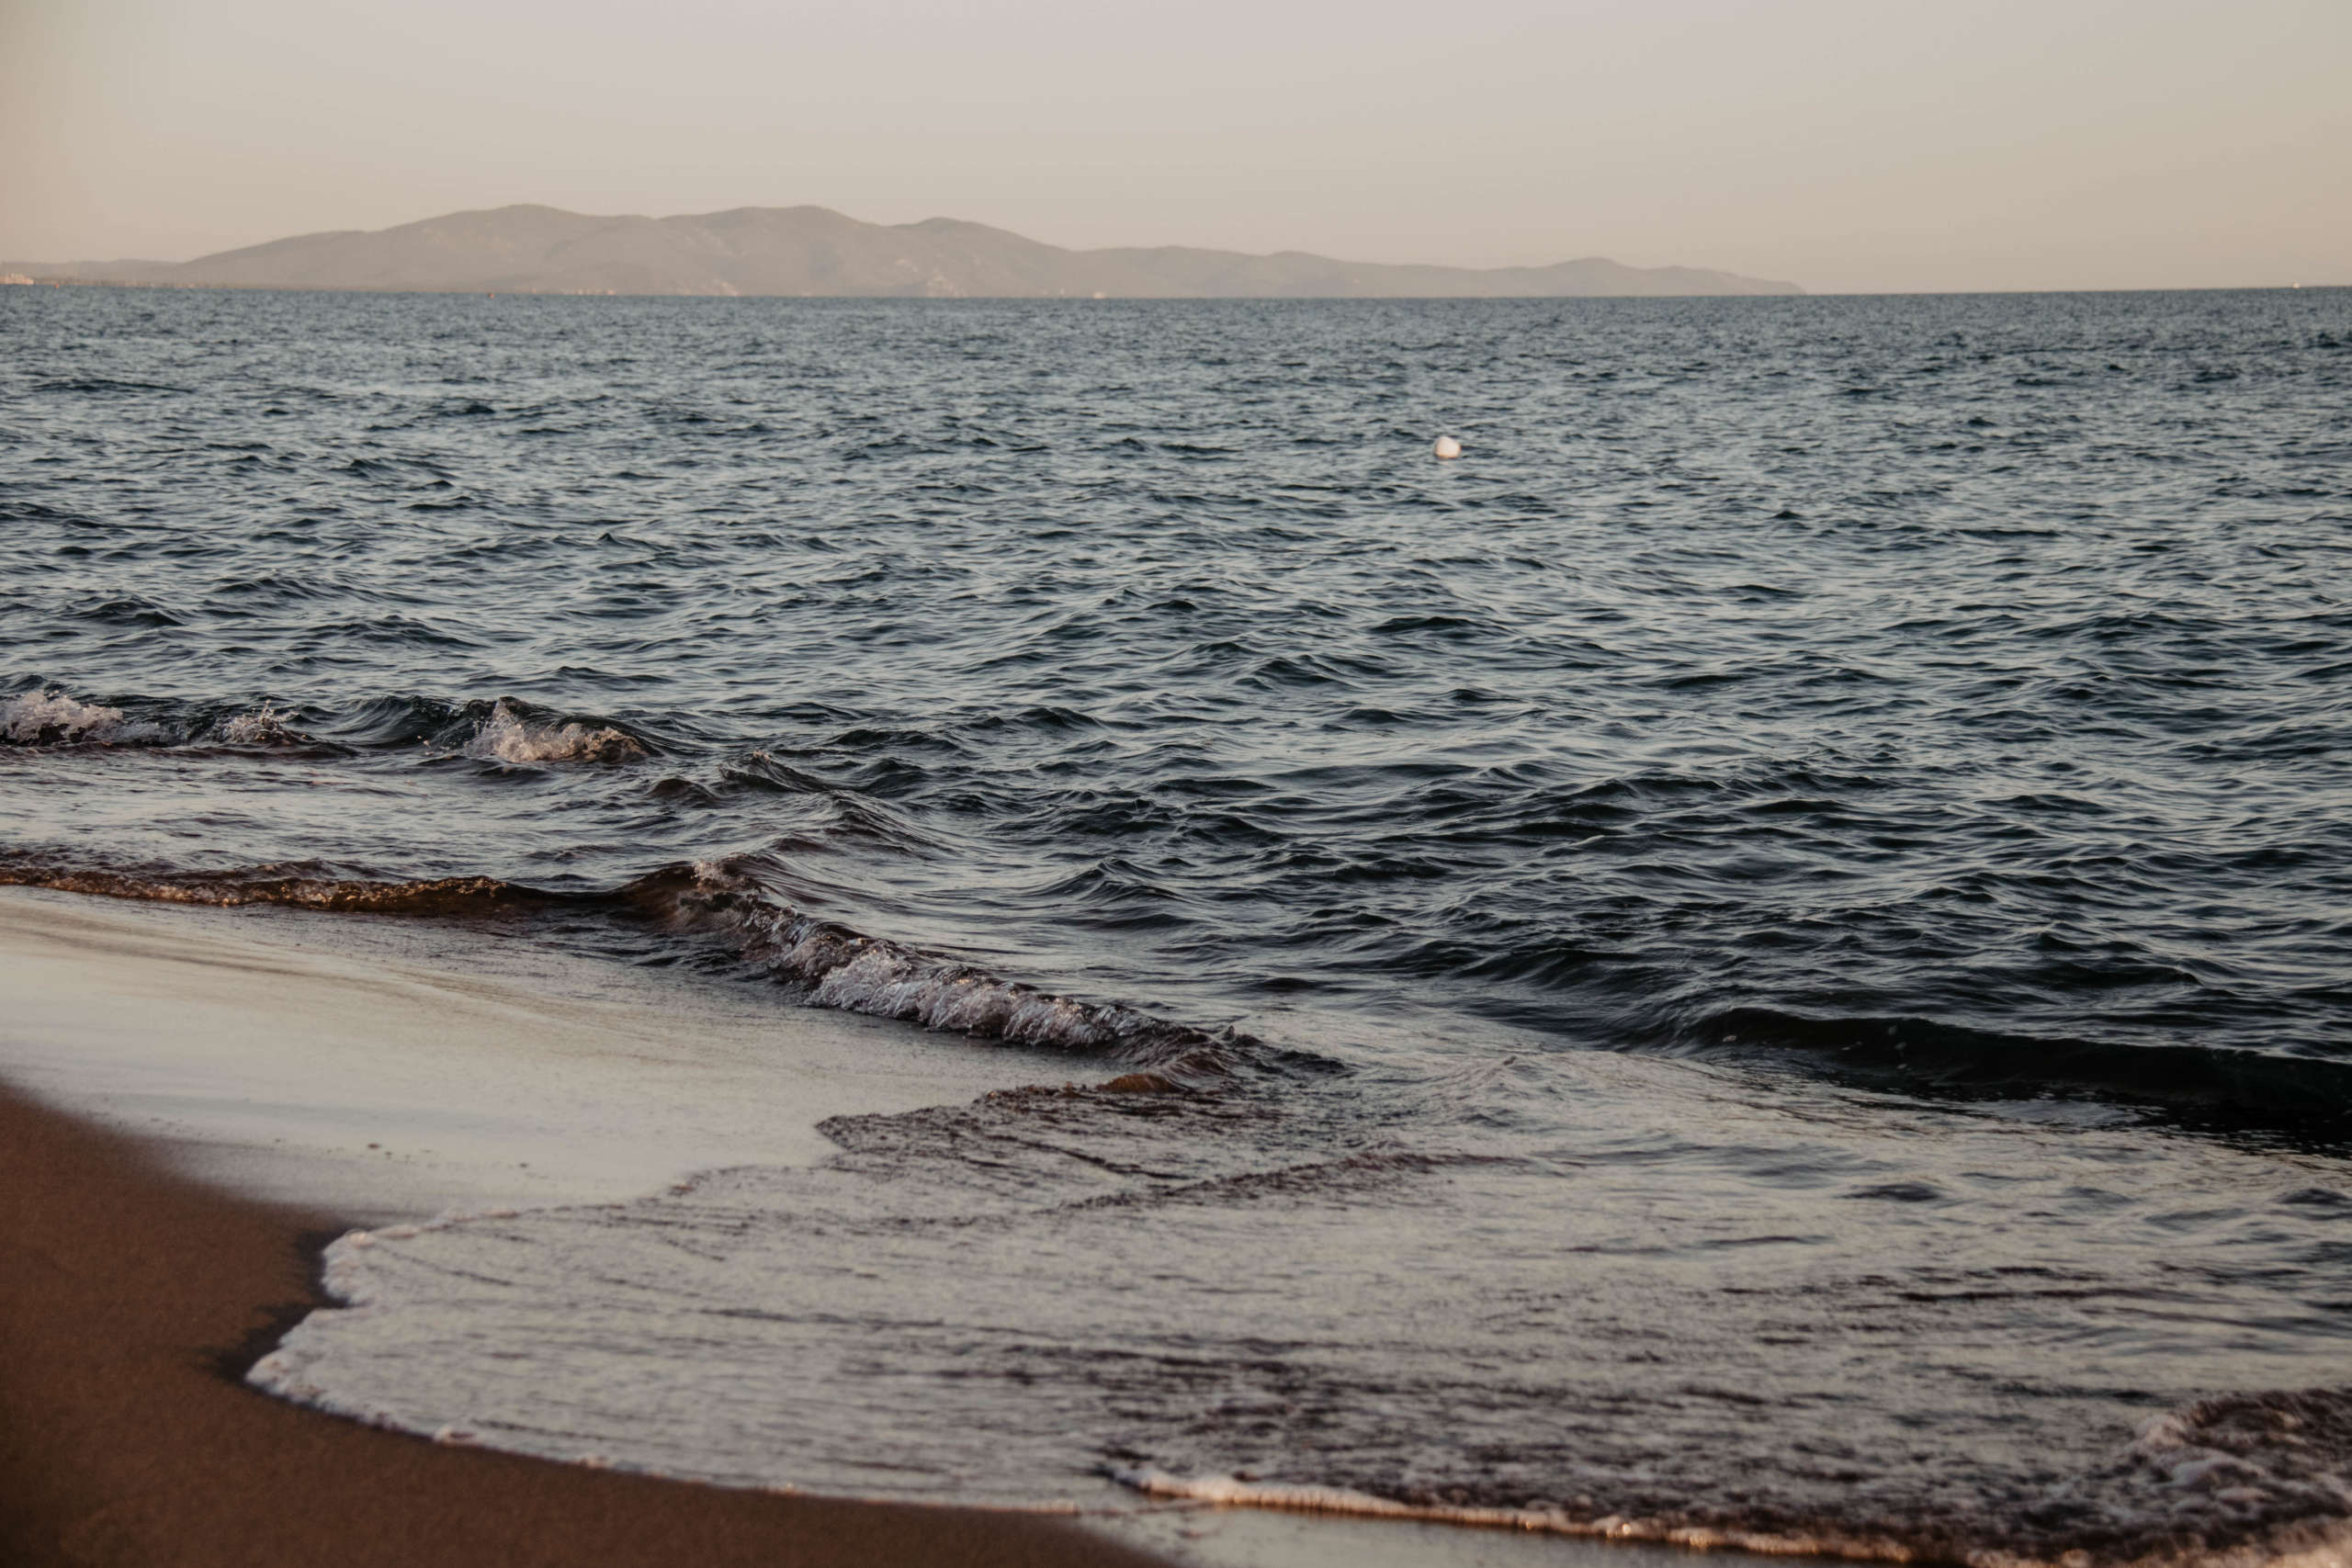 Sanfte Wellen werden an den Strand gespült - die traumhafte Mittelmeerküste der Toskana gilt bei vielen noch als Geheimtipp.